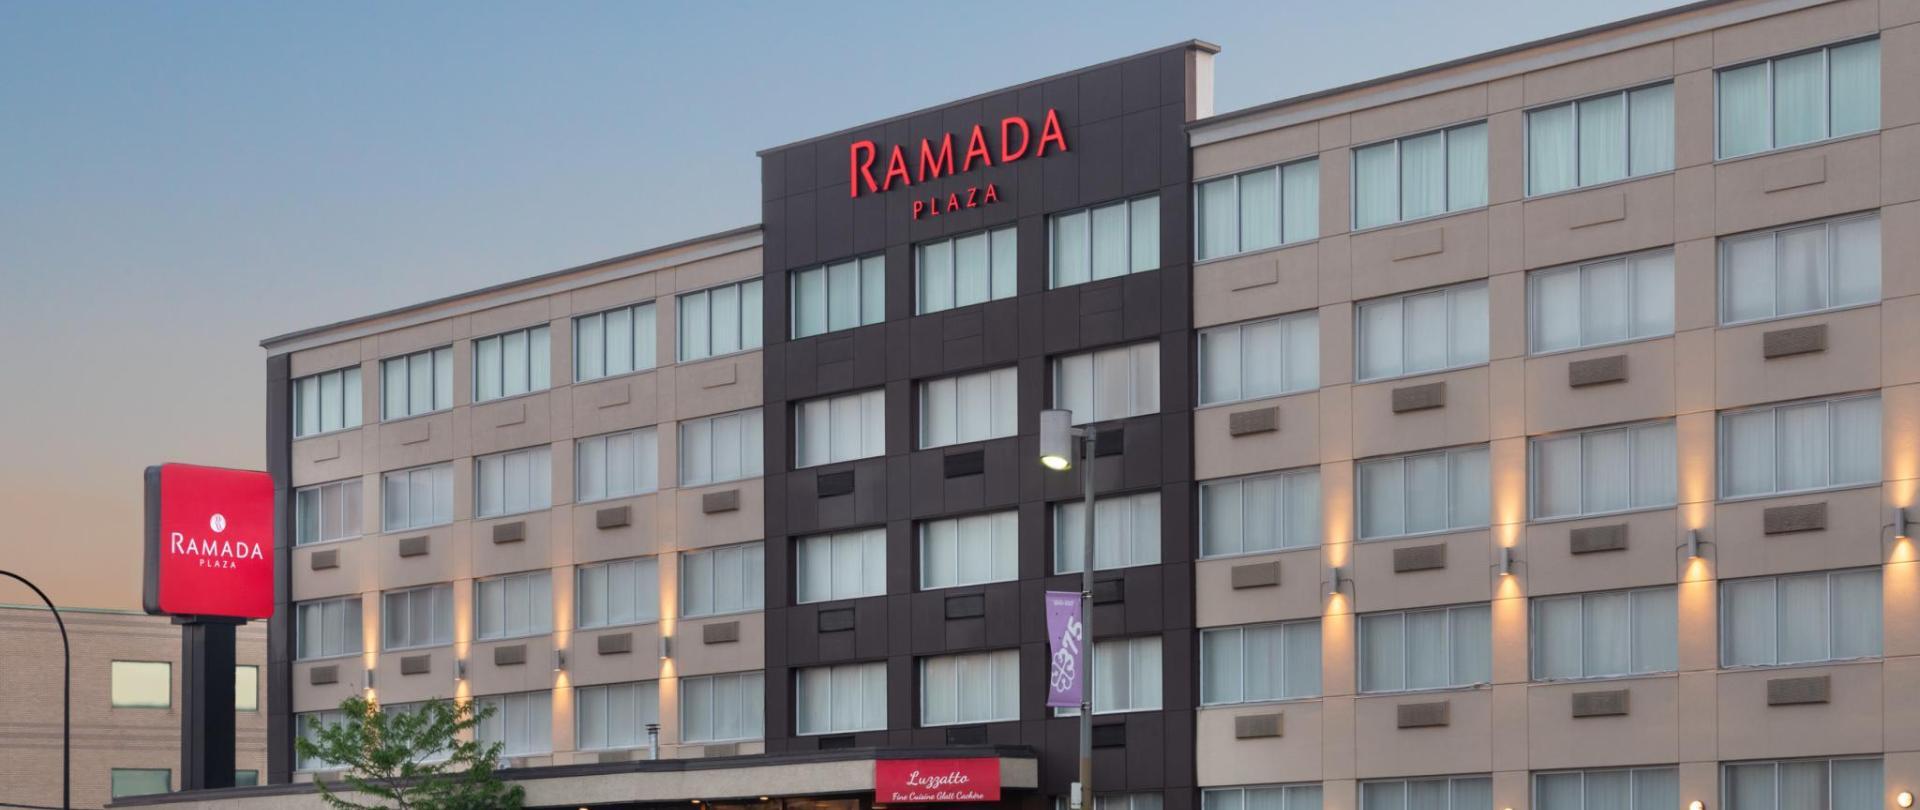 Ramada Montreal - Exterior - 1284187.jpg